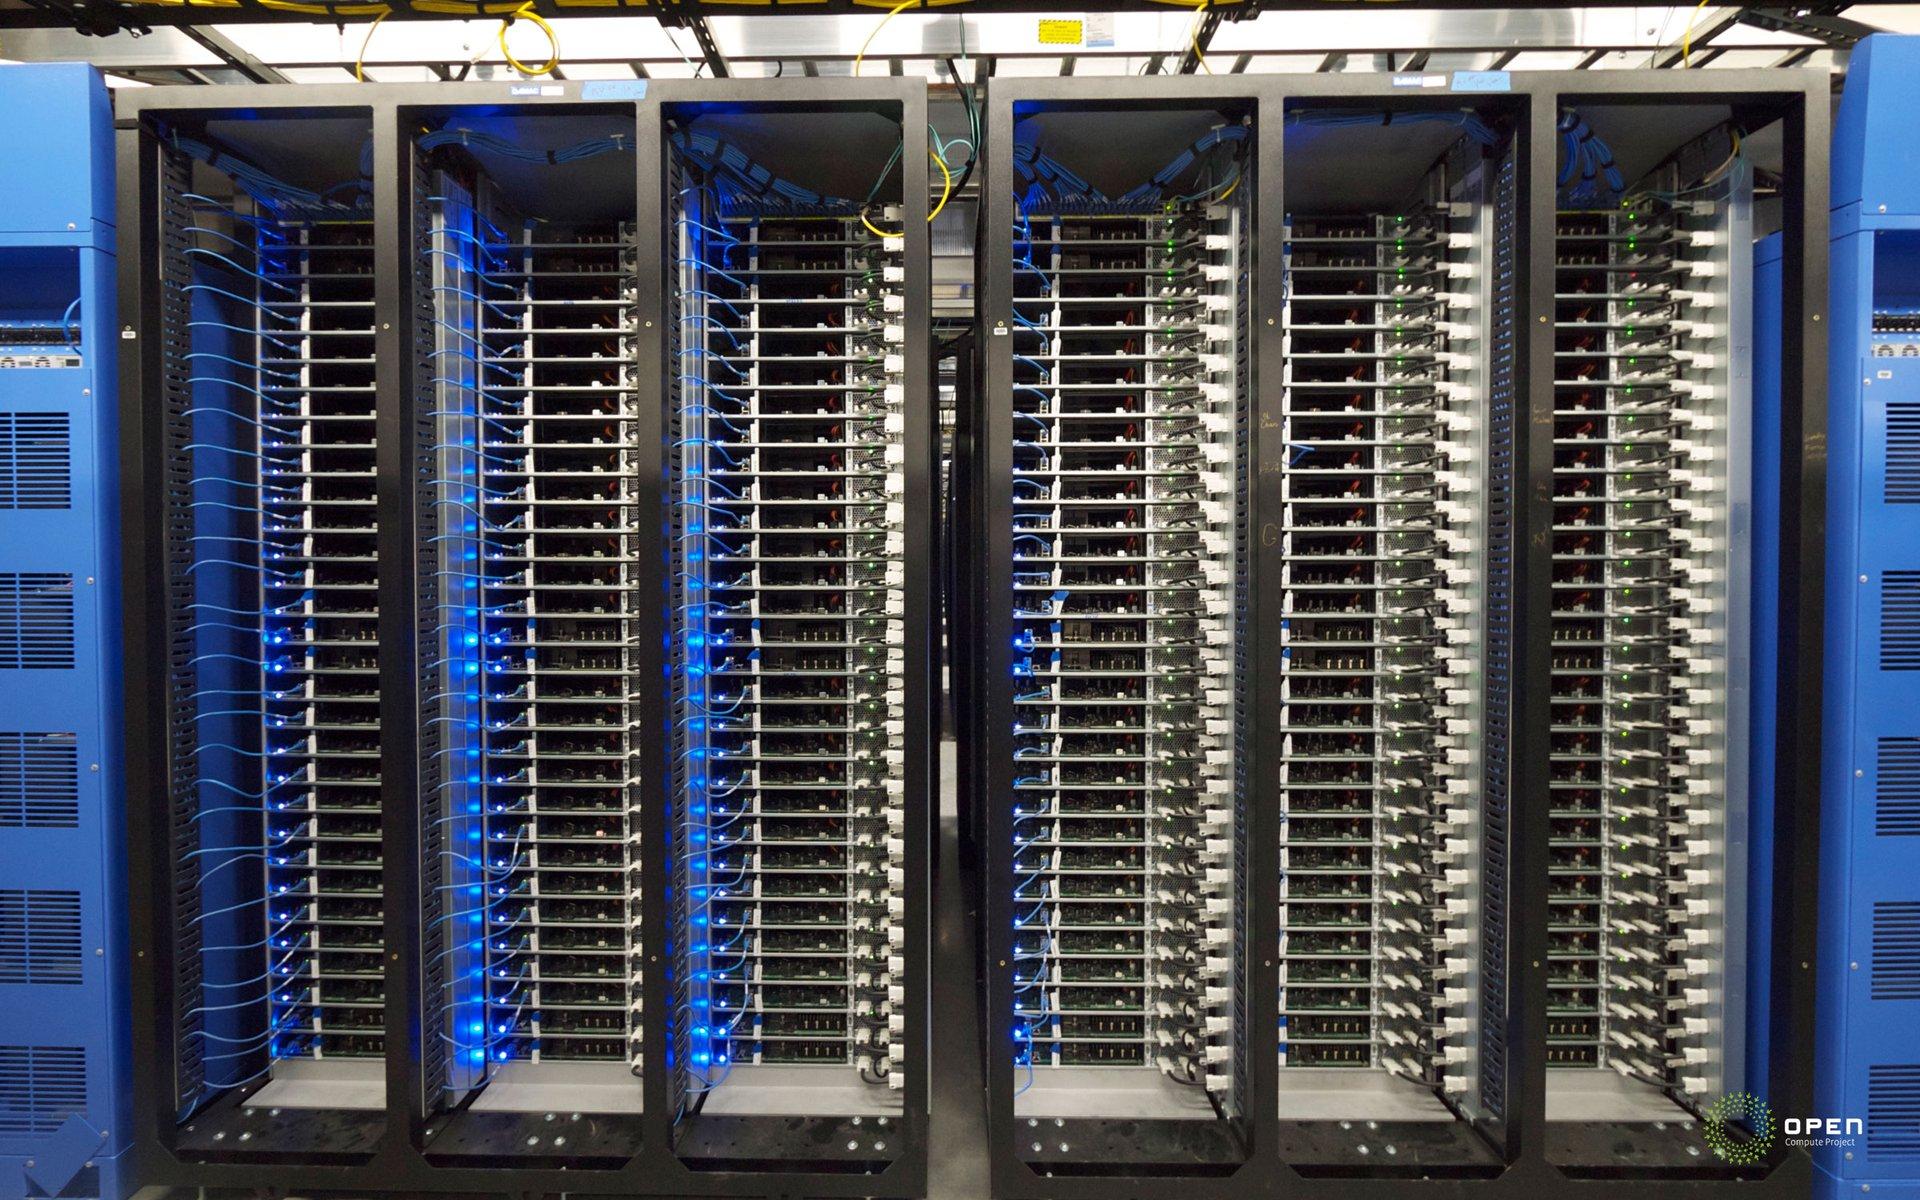 facebook 39 open sources 39 custom server and data center designs the register. Black Bedroom Furniture Sets. Home Design Ideas